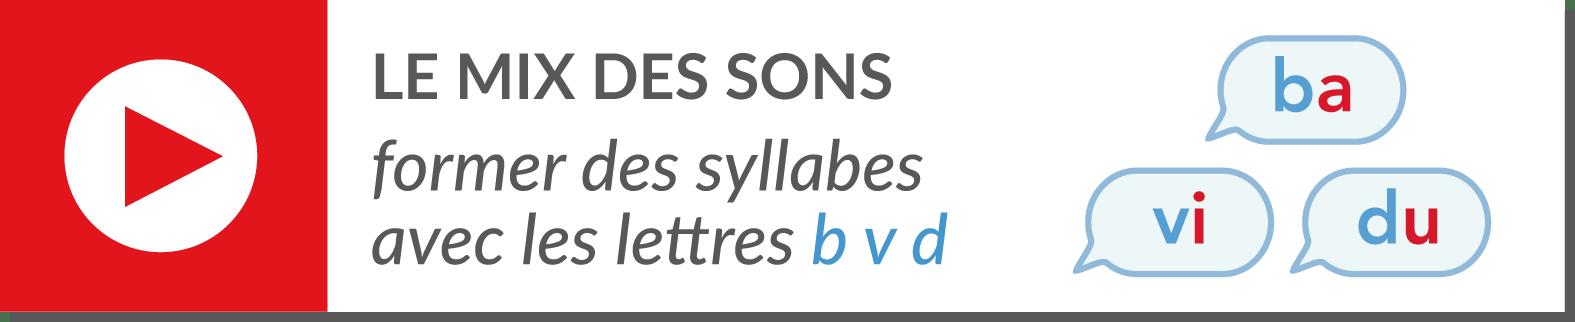 lecture de syllabes - vidéo syllabes - lettres b v d